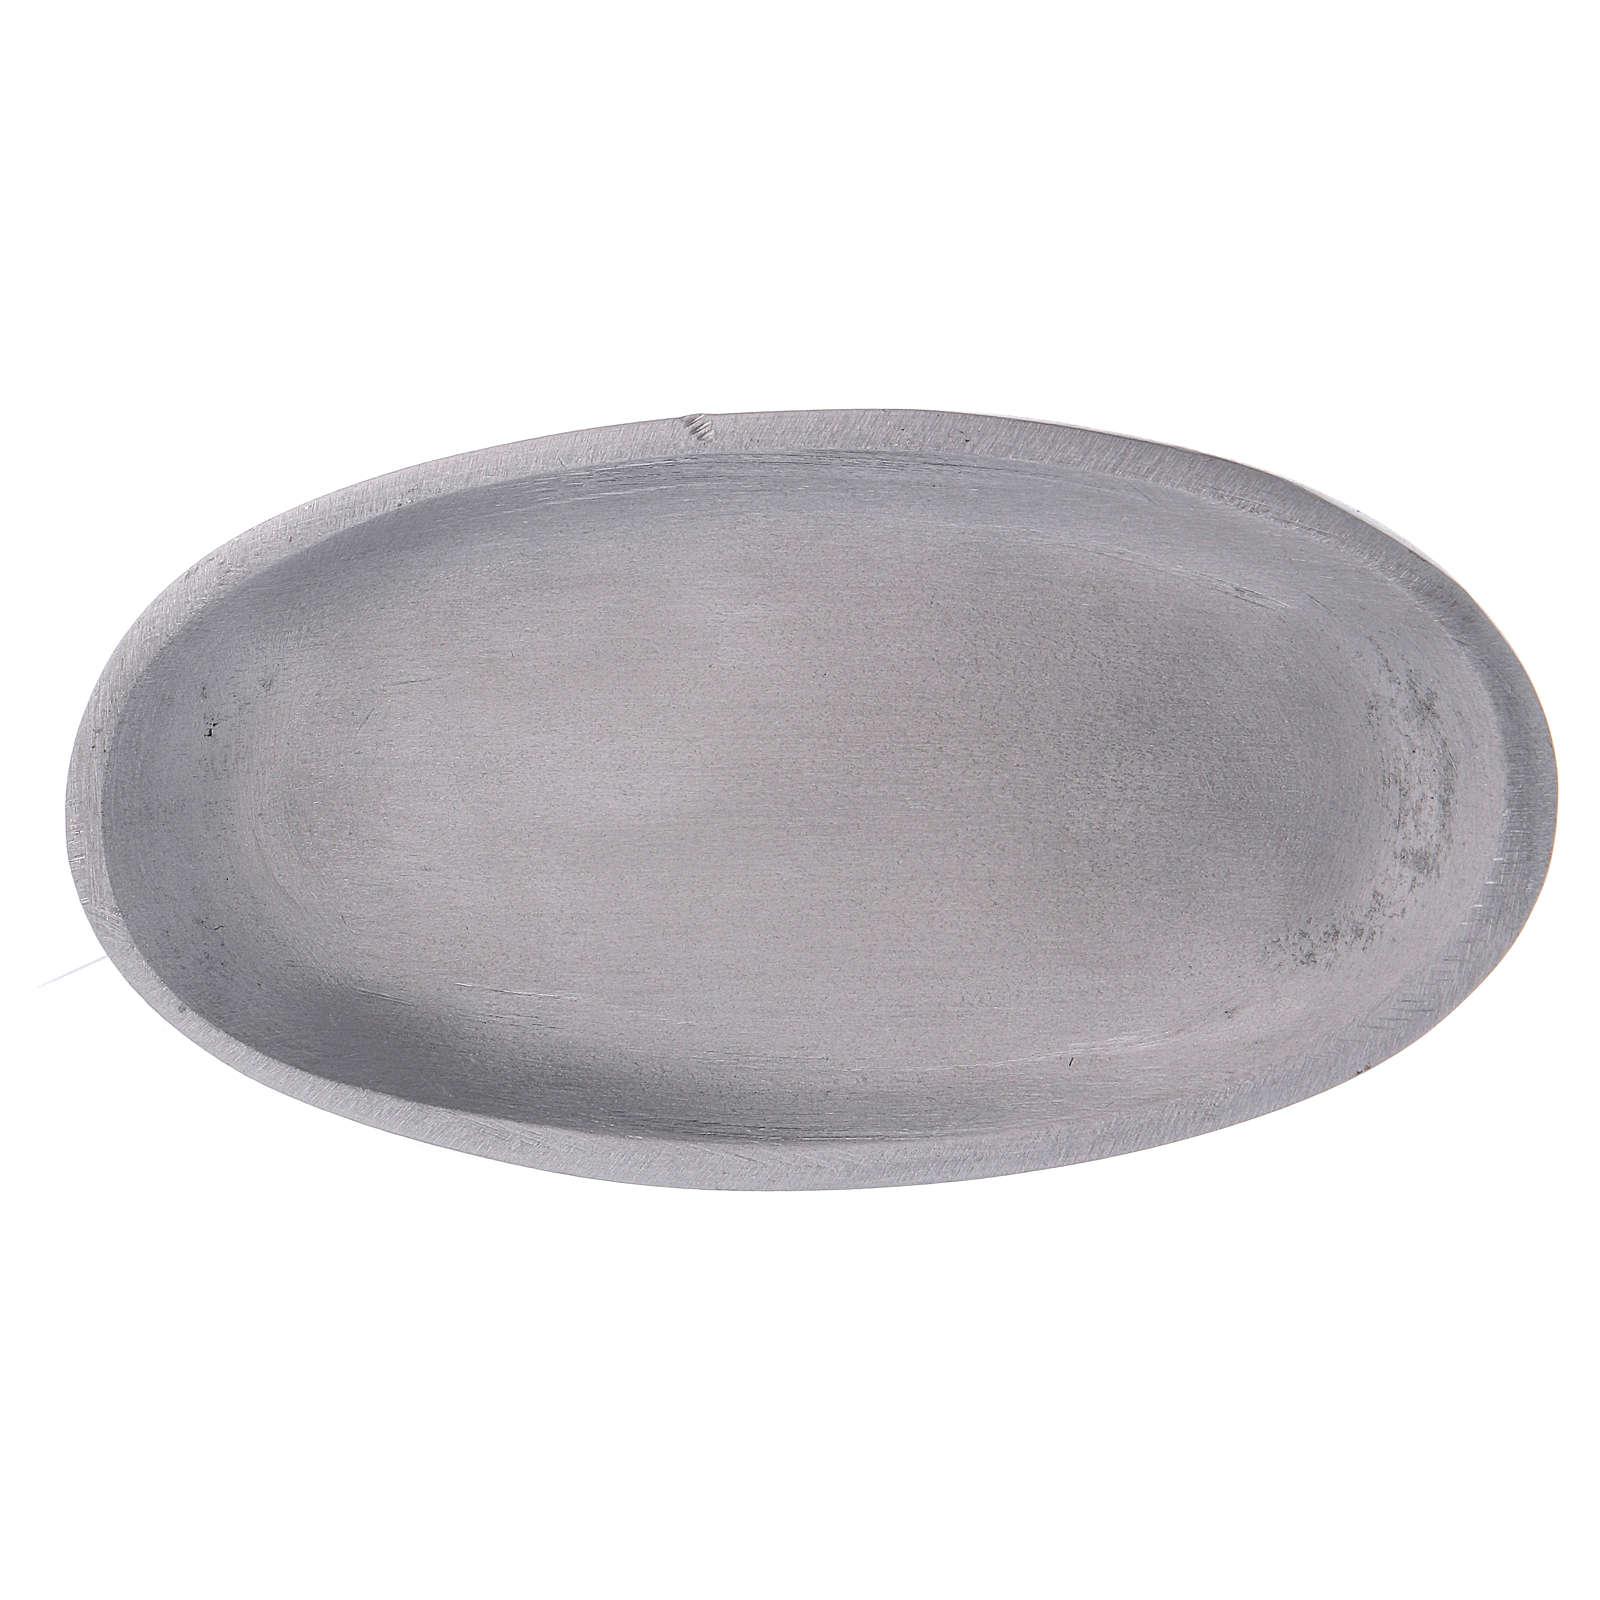 Piattino portacandele ovale in alluminio argentato opaco 12x6 cm 3